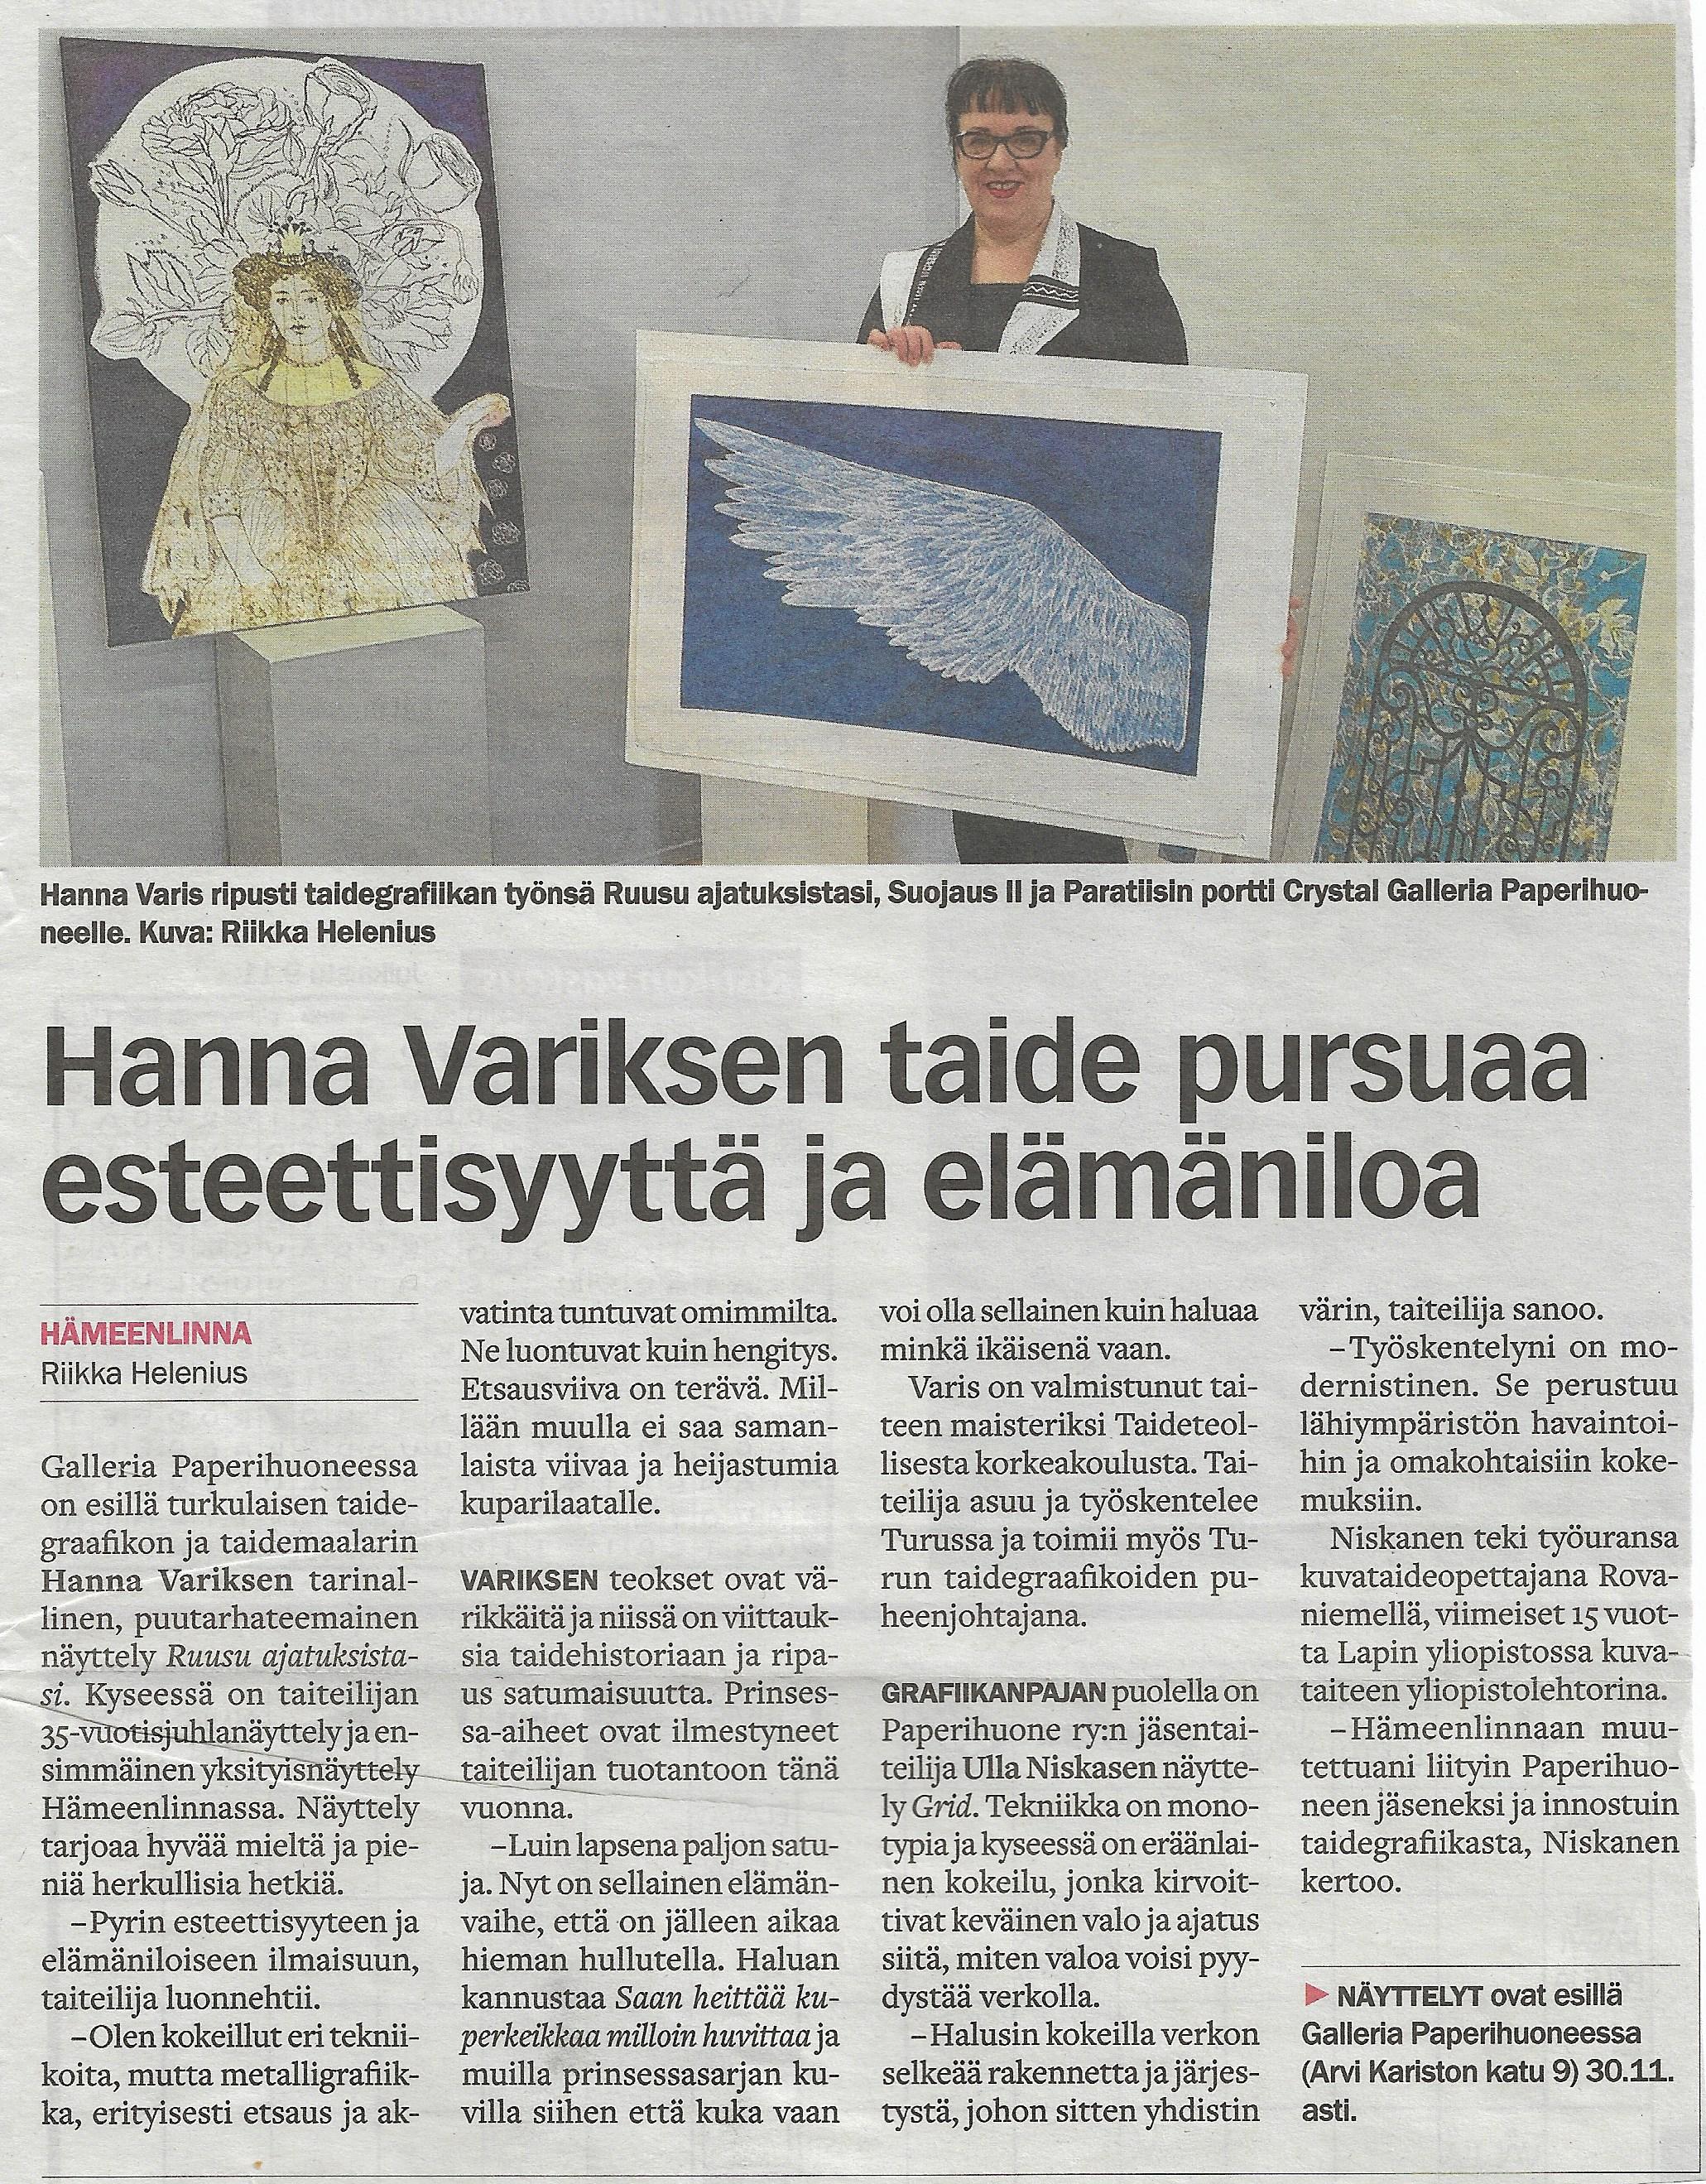 Hanna Variksen näyttelystä juttu HML kaupunkiuutisissa